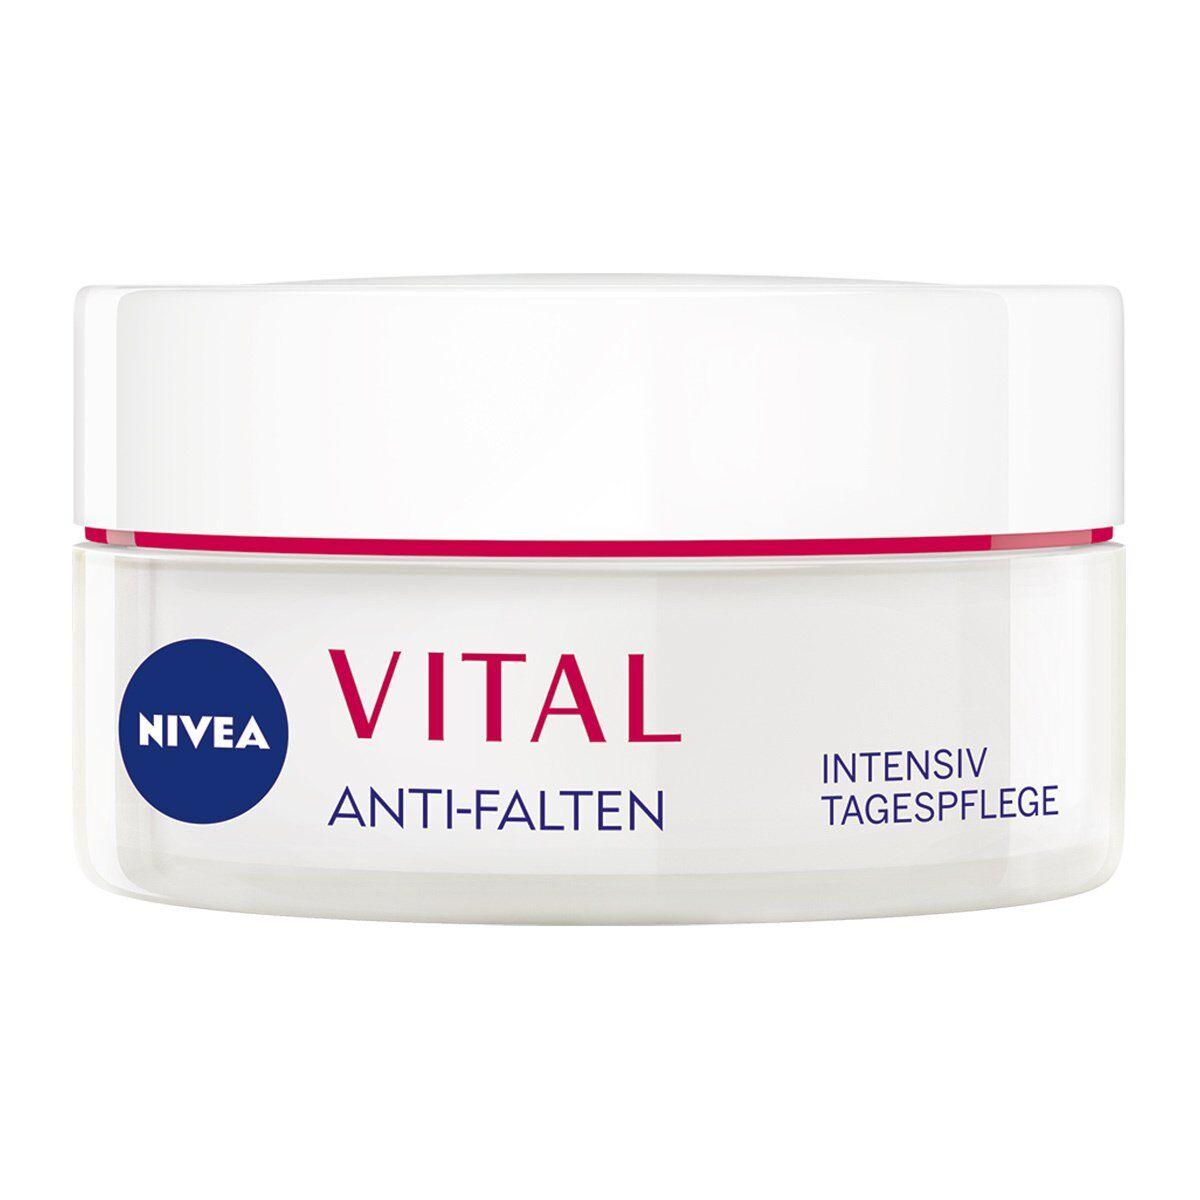 Nivea - Vital Intensive Day Cream